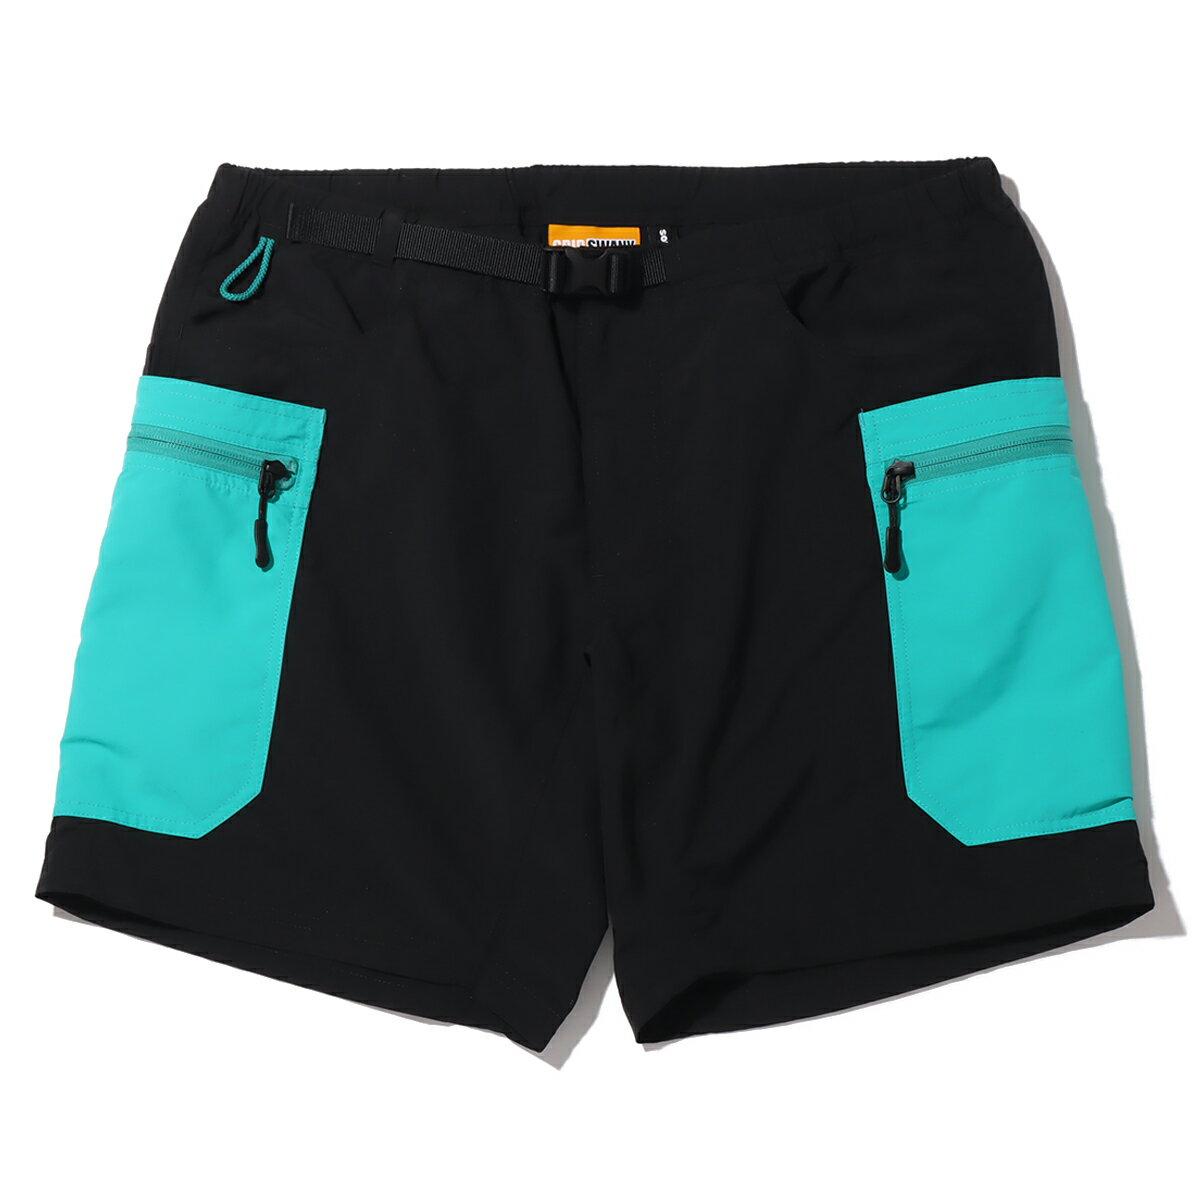 メンズファッション, ズボン・パンツ atmos x GRIPSWANY GEAR SHORT( x )BLACK 21SU-I